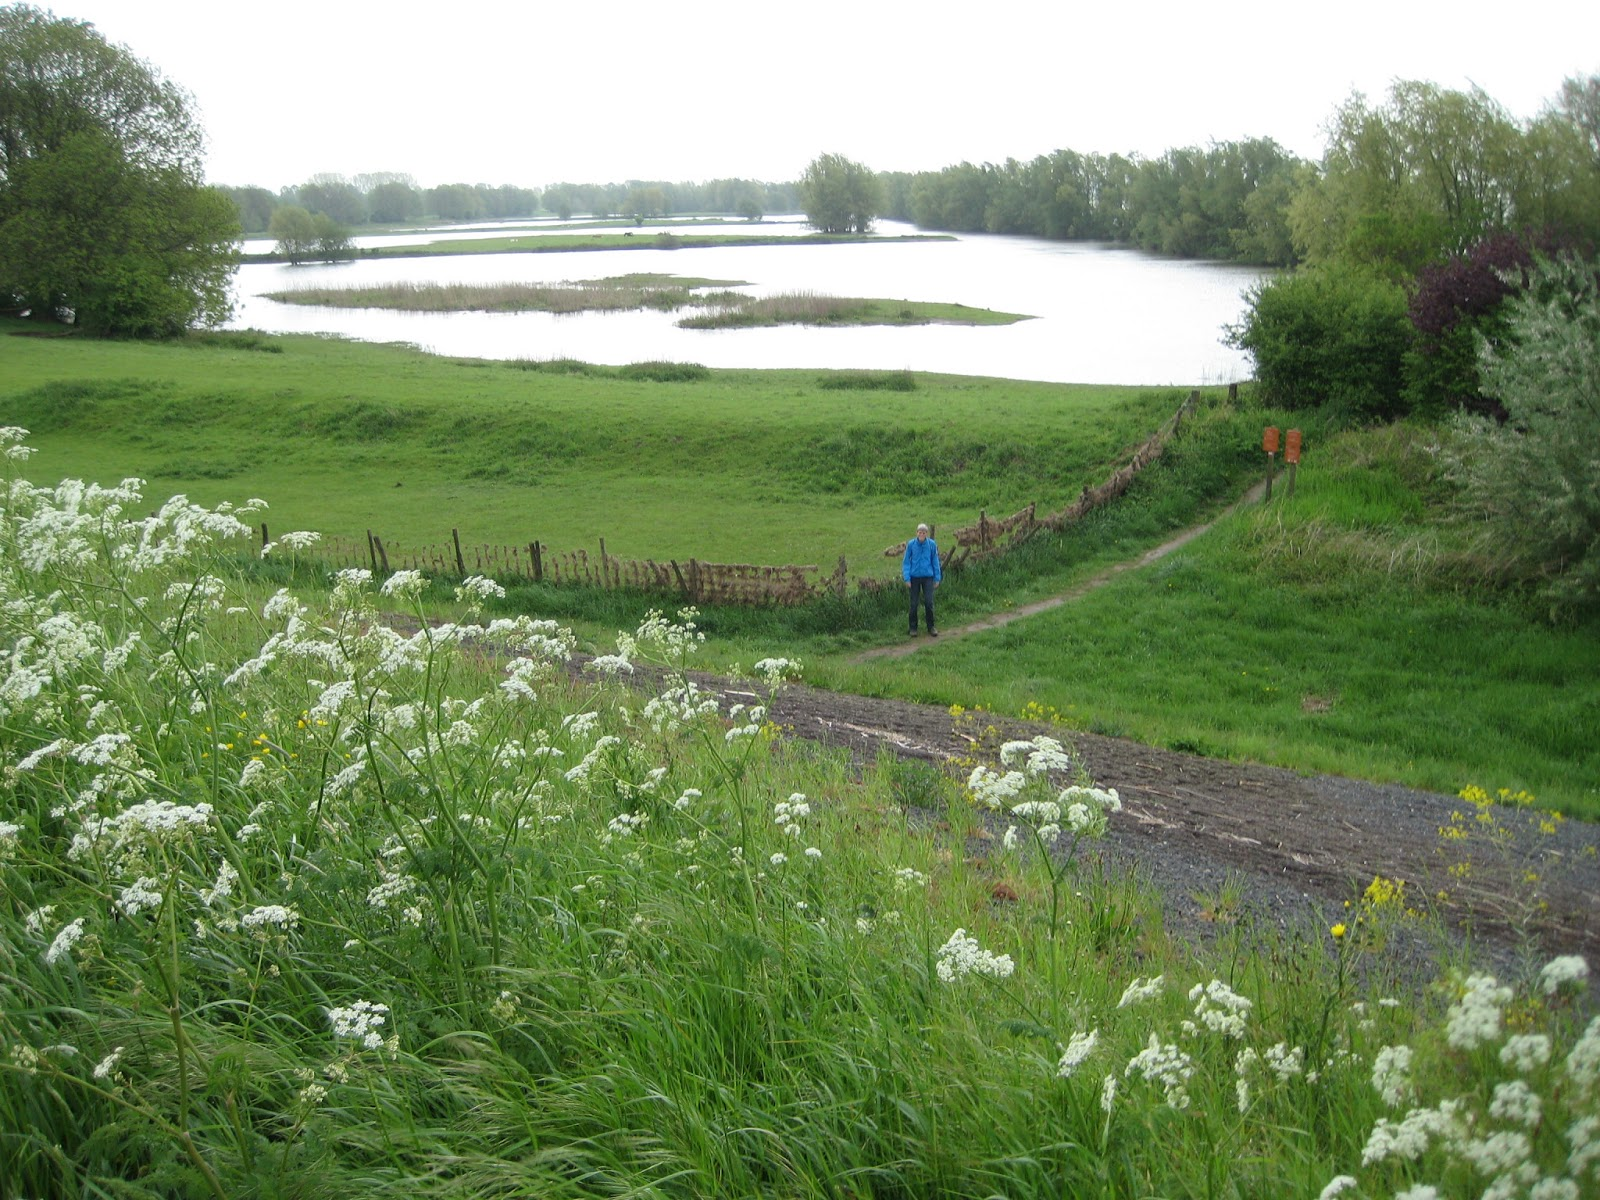 De paden op, de lanen in.: Opijnen - Wadenoijen (17 km)